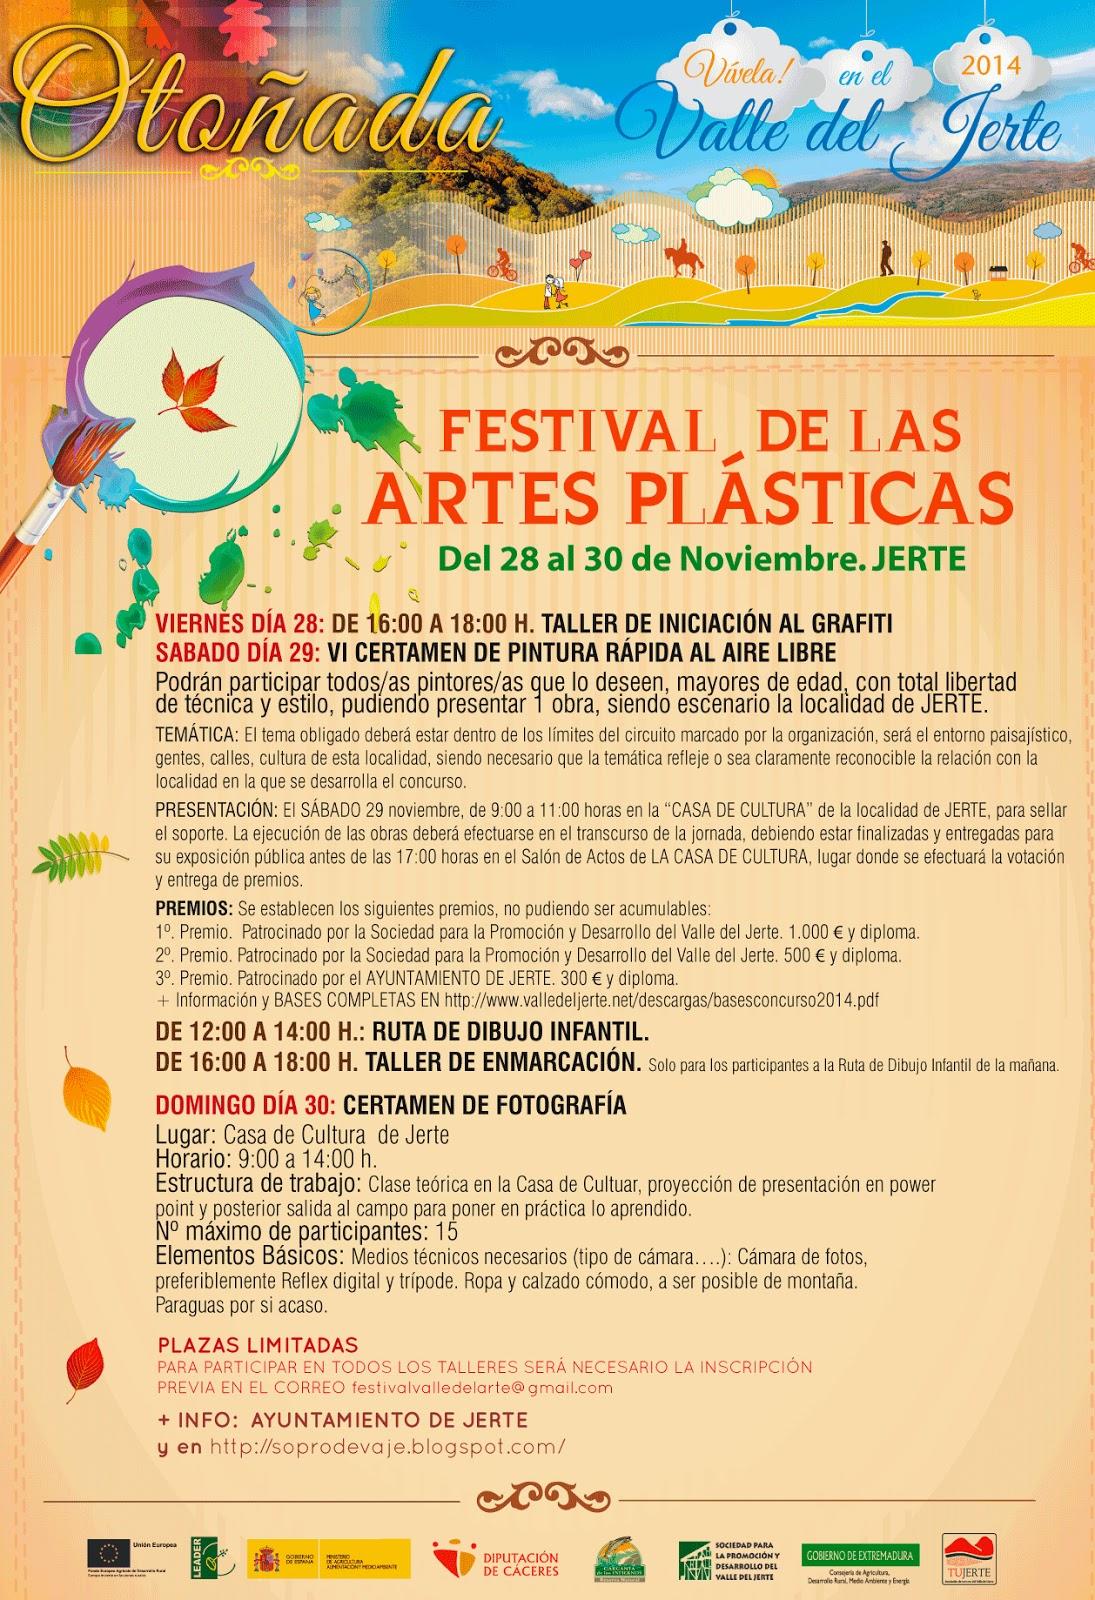 Festival de las Artes Plásticas (28 y 30 de noviembre en Jerte)